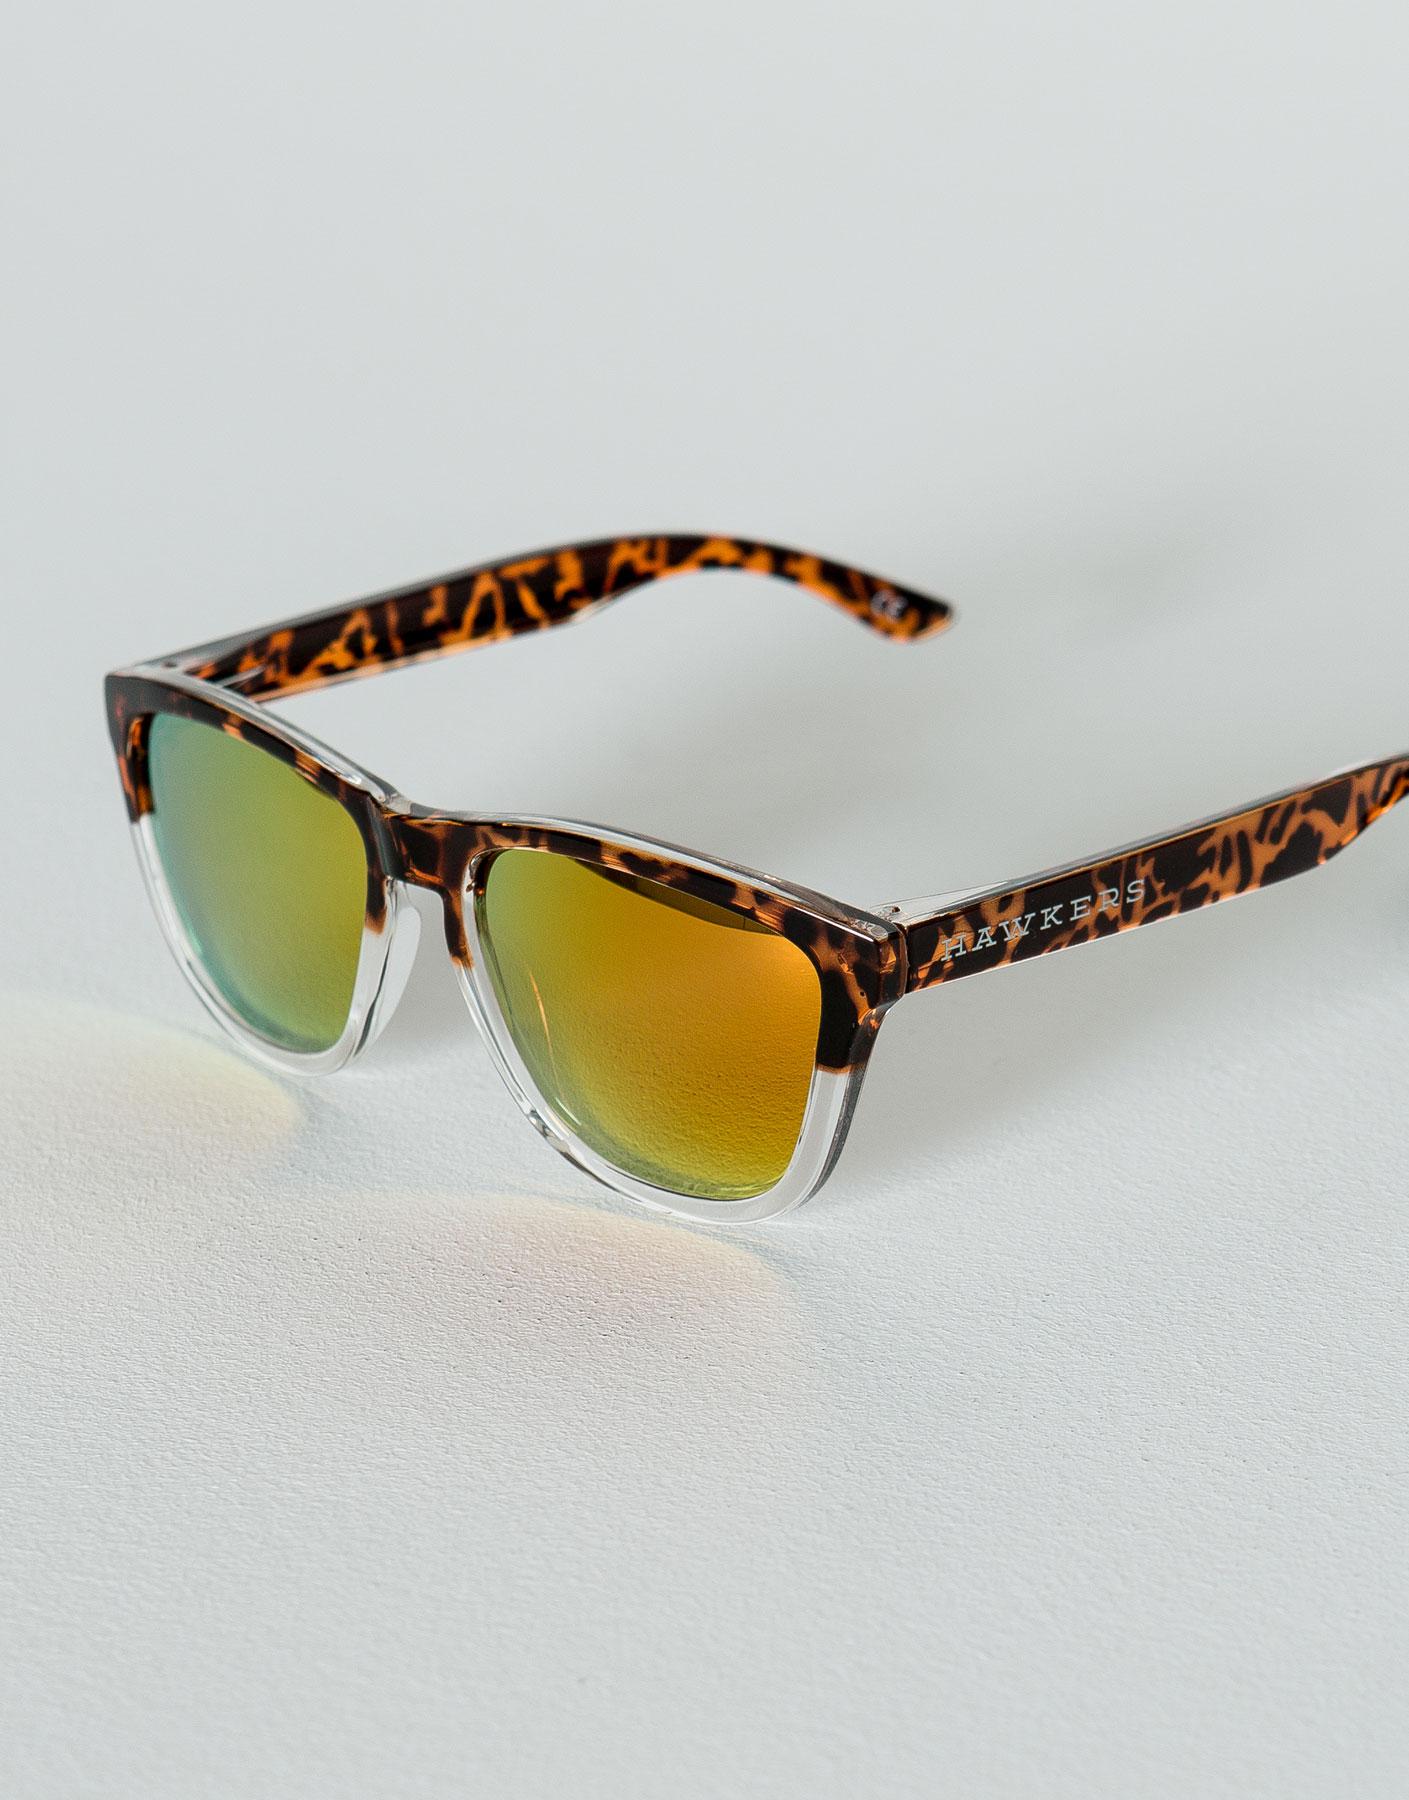 Hybrid Hawkers Tortoiseshell Sunglasses